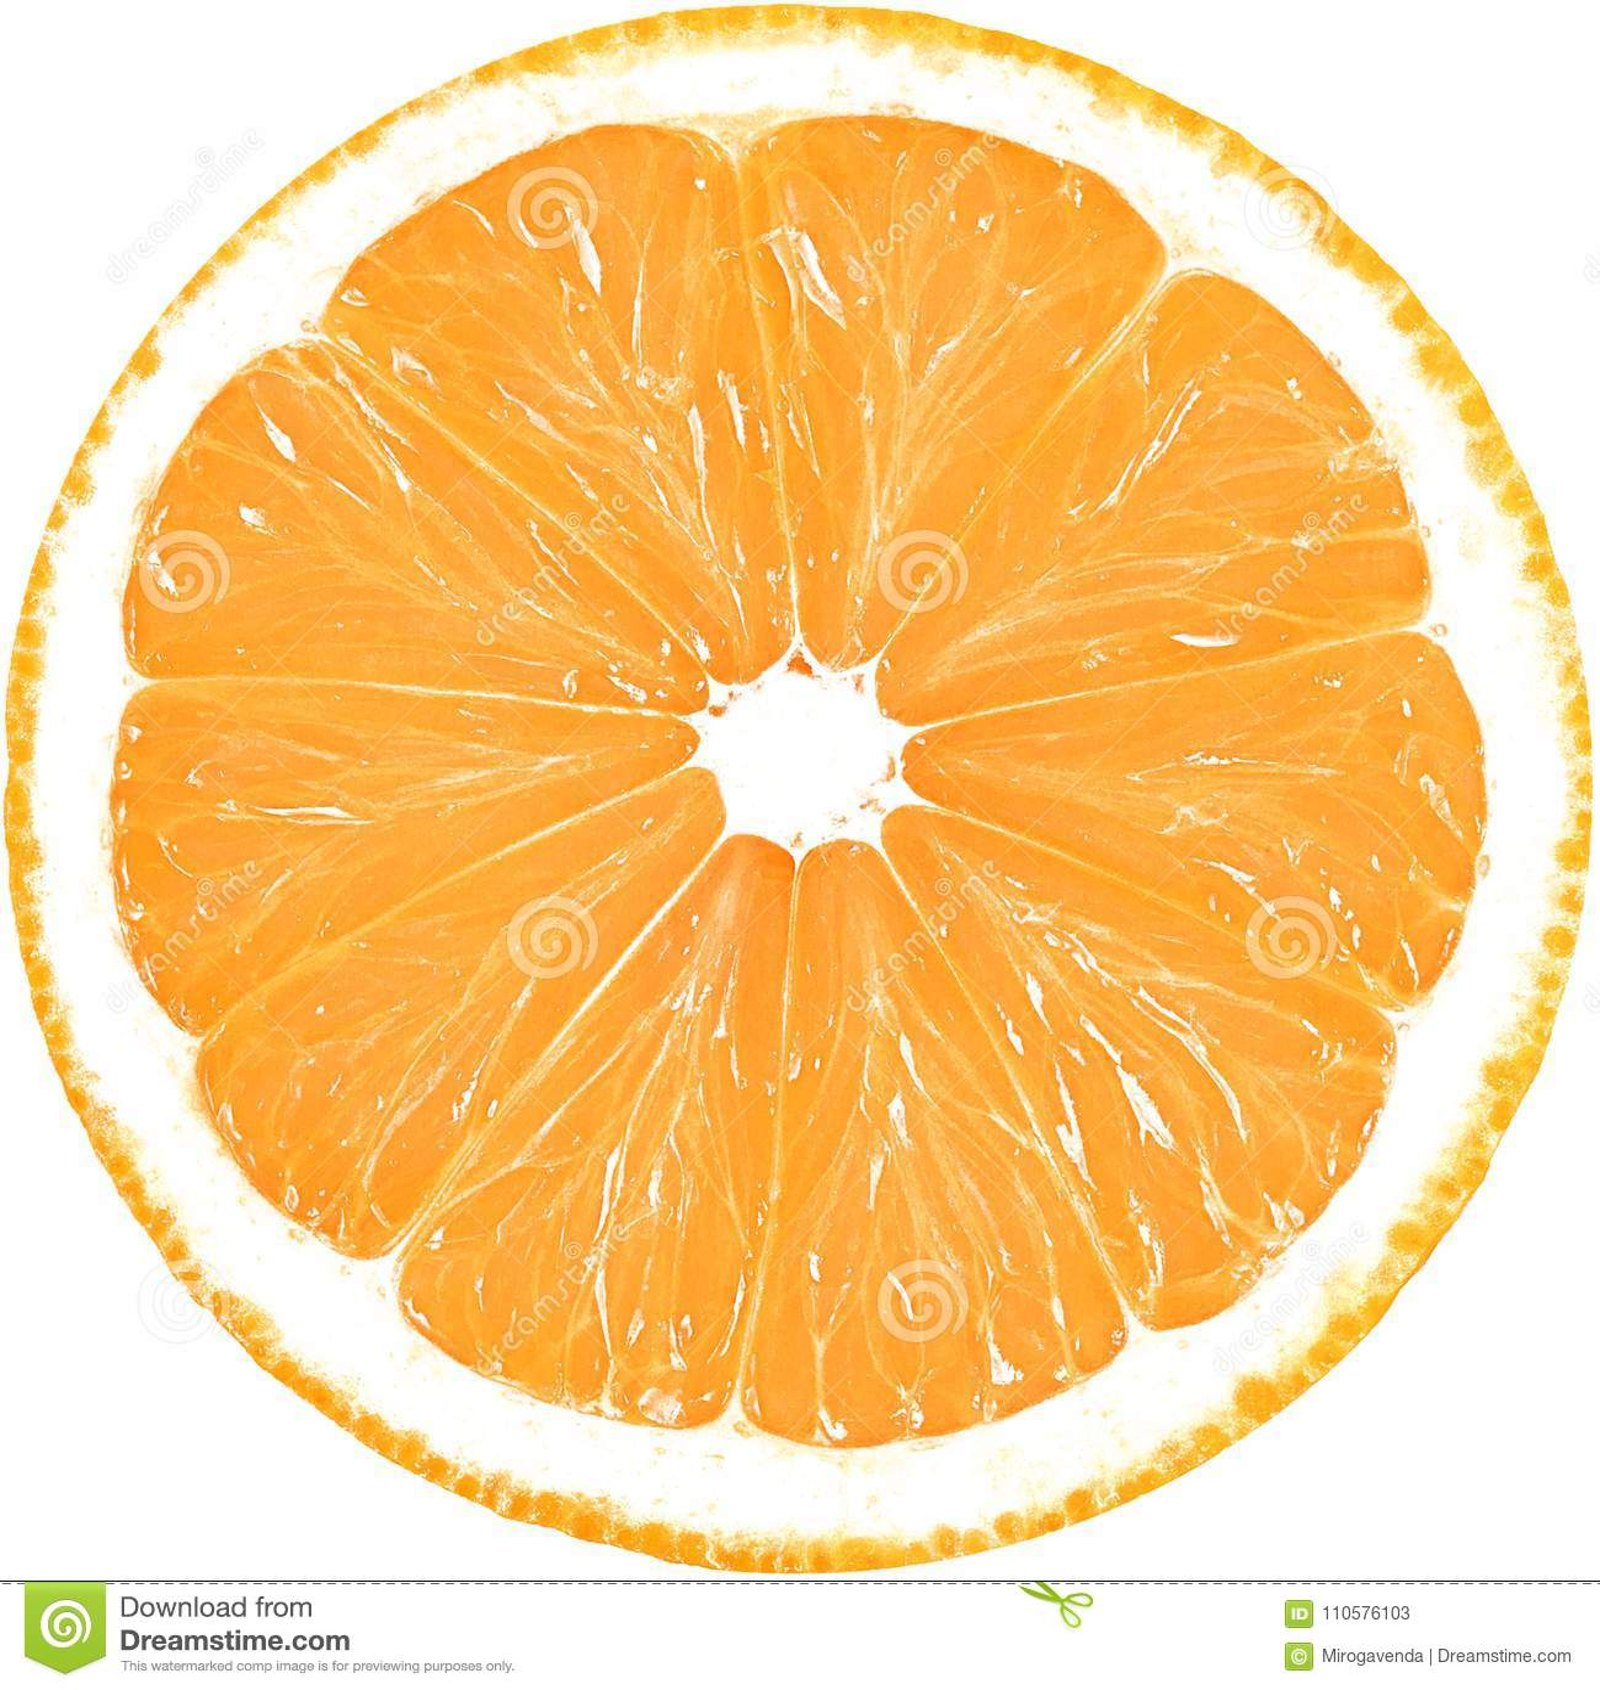 Rebanada jugosa de naranja aislada en un fondo blanco con la trayectoria de recortes